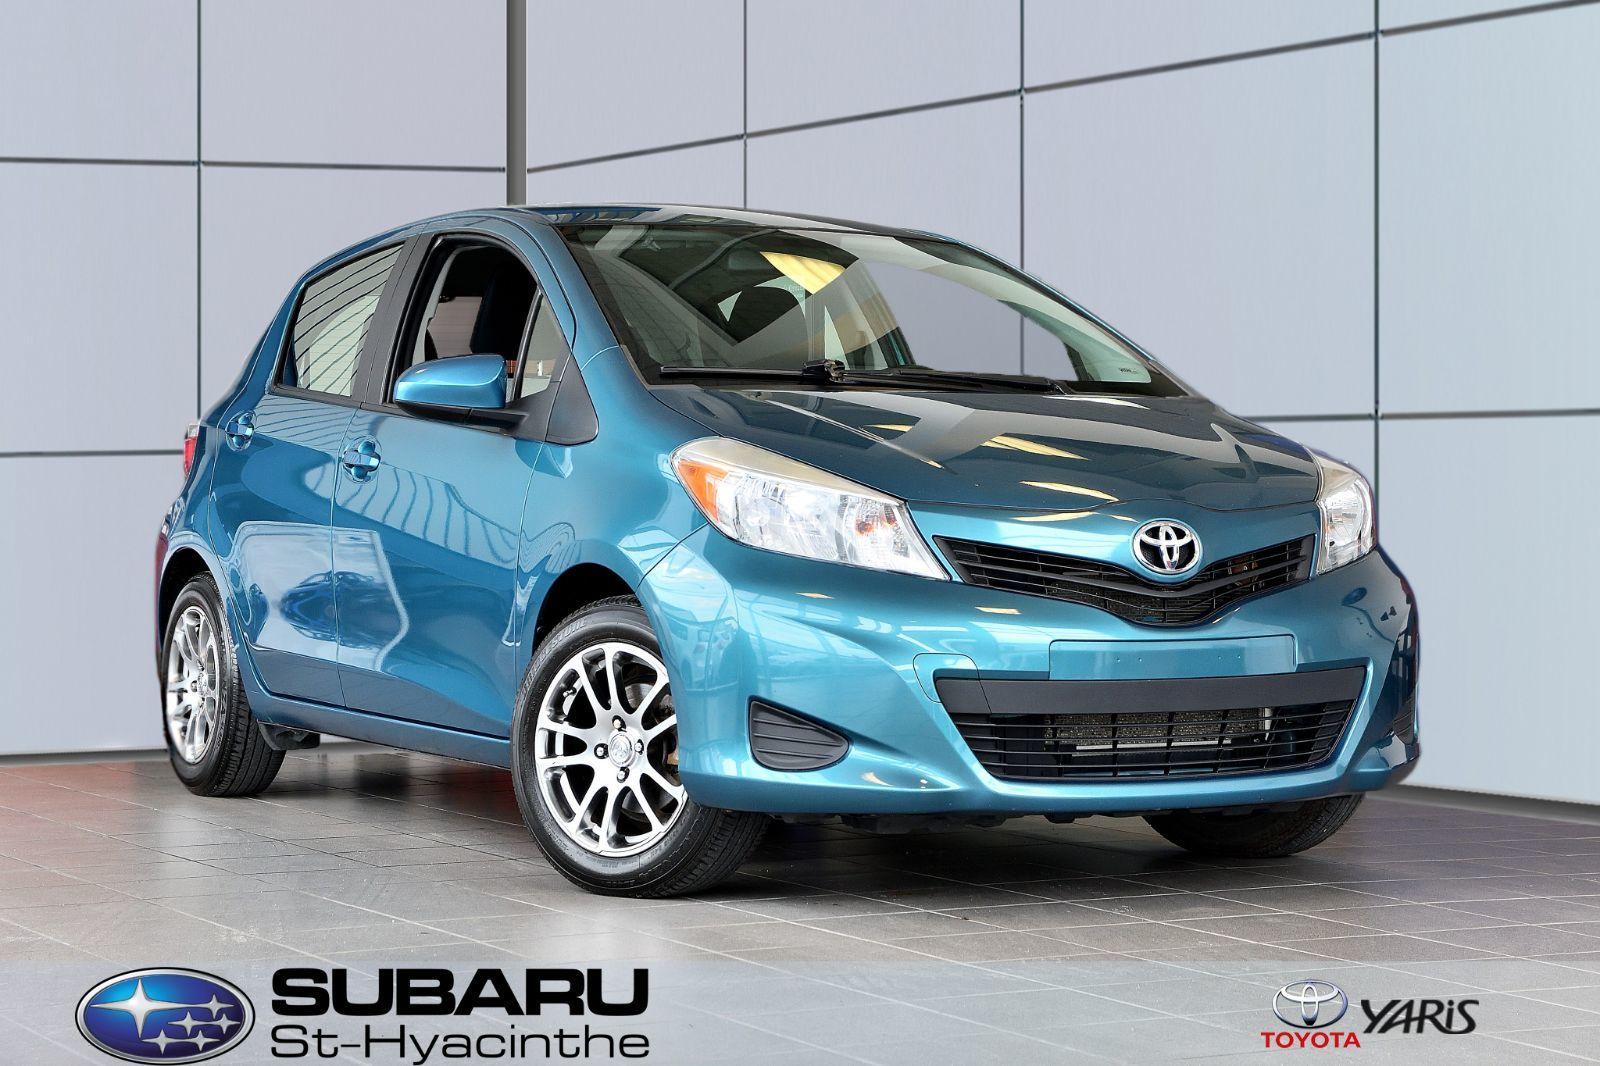 Kelebihan Kekurangan Toyota Yaris 2013 Tangguh